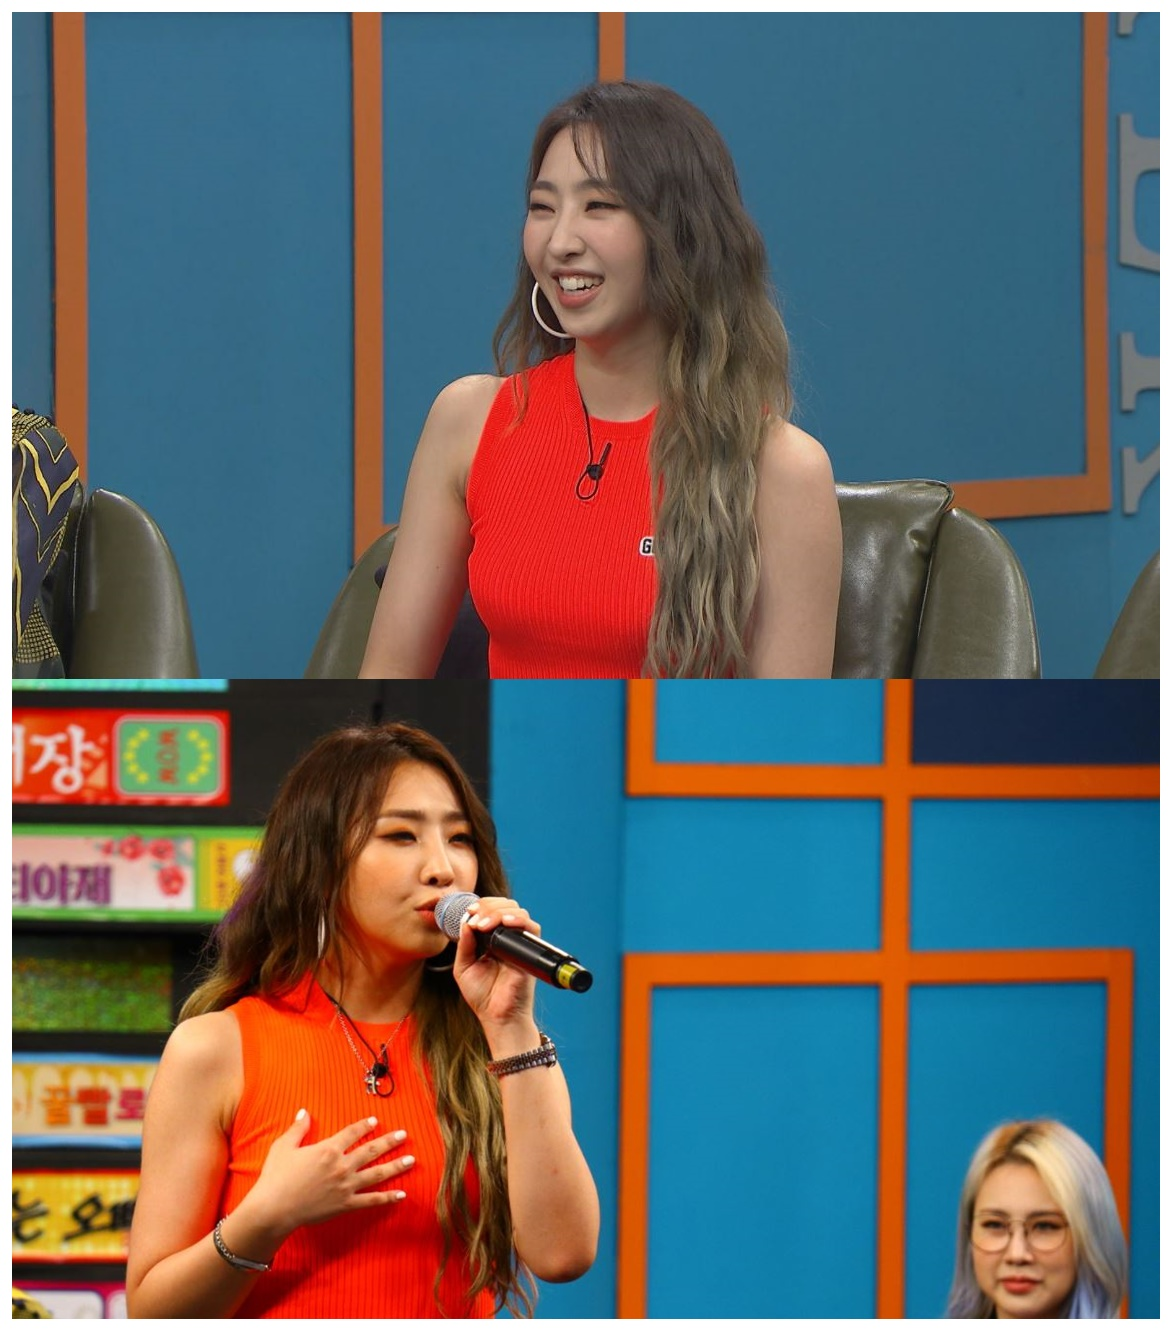 """공민지 """"2NE1 탈퇴, 배신자란 말 감당 어려웠다""""...산다라박 '눈물'"""